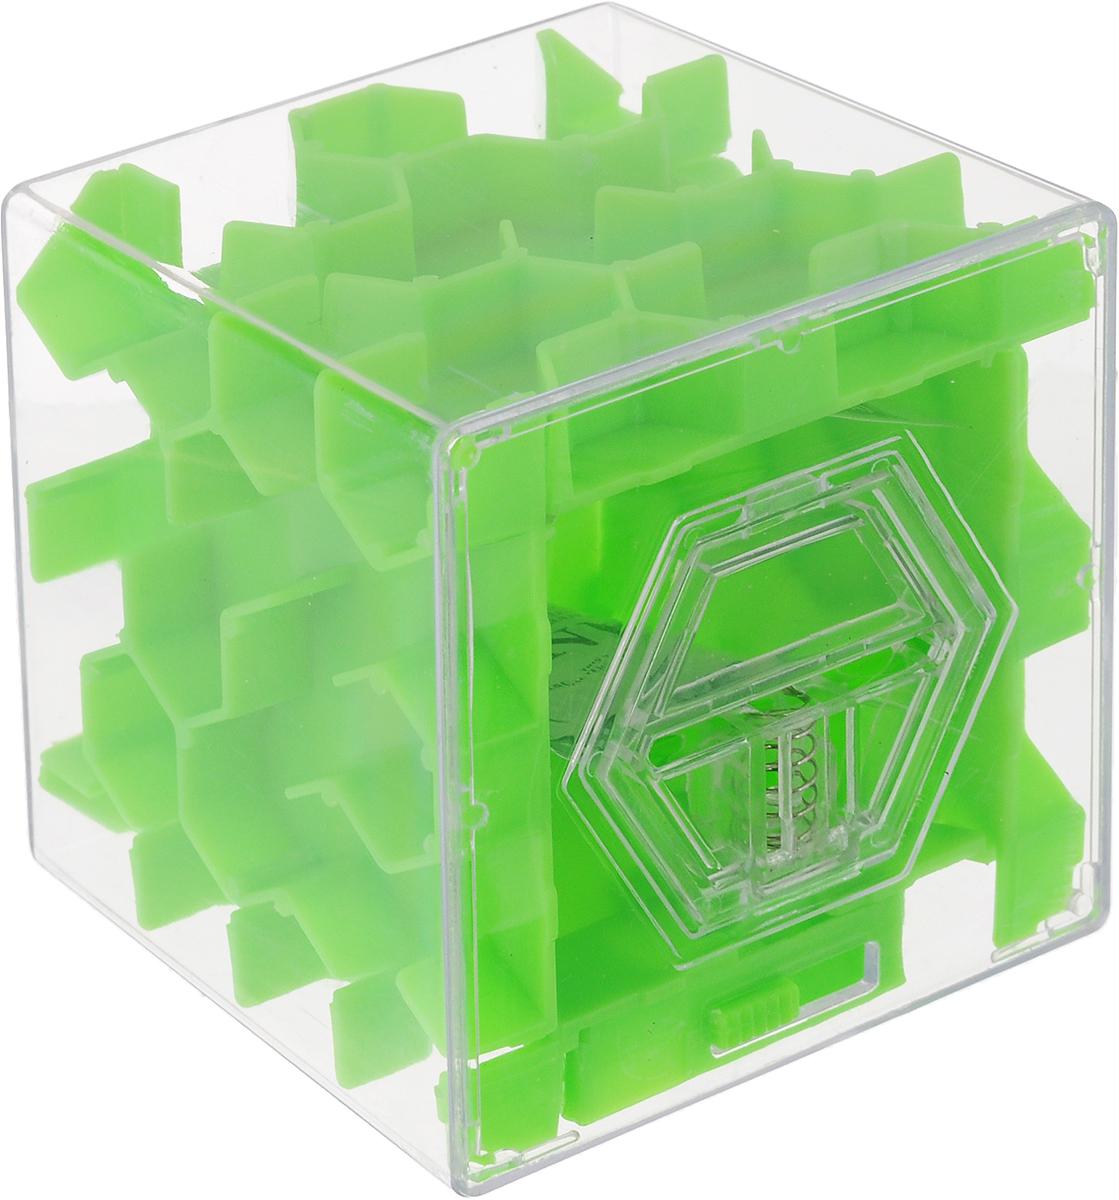 Копилка-головоломка Эврика Лабиринт, цвет: зеленый97475Копилка Лабиринт - это самая настоящая головоломка. Она изготовлена из высококачественного пластика. Чтобы достать накопленные денежки, необходимо провести шарик по запутанному пути. Копилка Лабиринт - оригинальный способ преподнести подарок. Положите купюру в копилку и смело вручайте имениннику. Вашему другу придется потрудиться, чтобы достать подаренную купюру. Копилка имеет отверстие, чтобы класть в неё деньги. Размер копилки: 6,5 х 6,5 х 6,5 см.